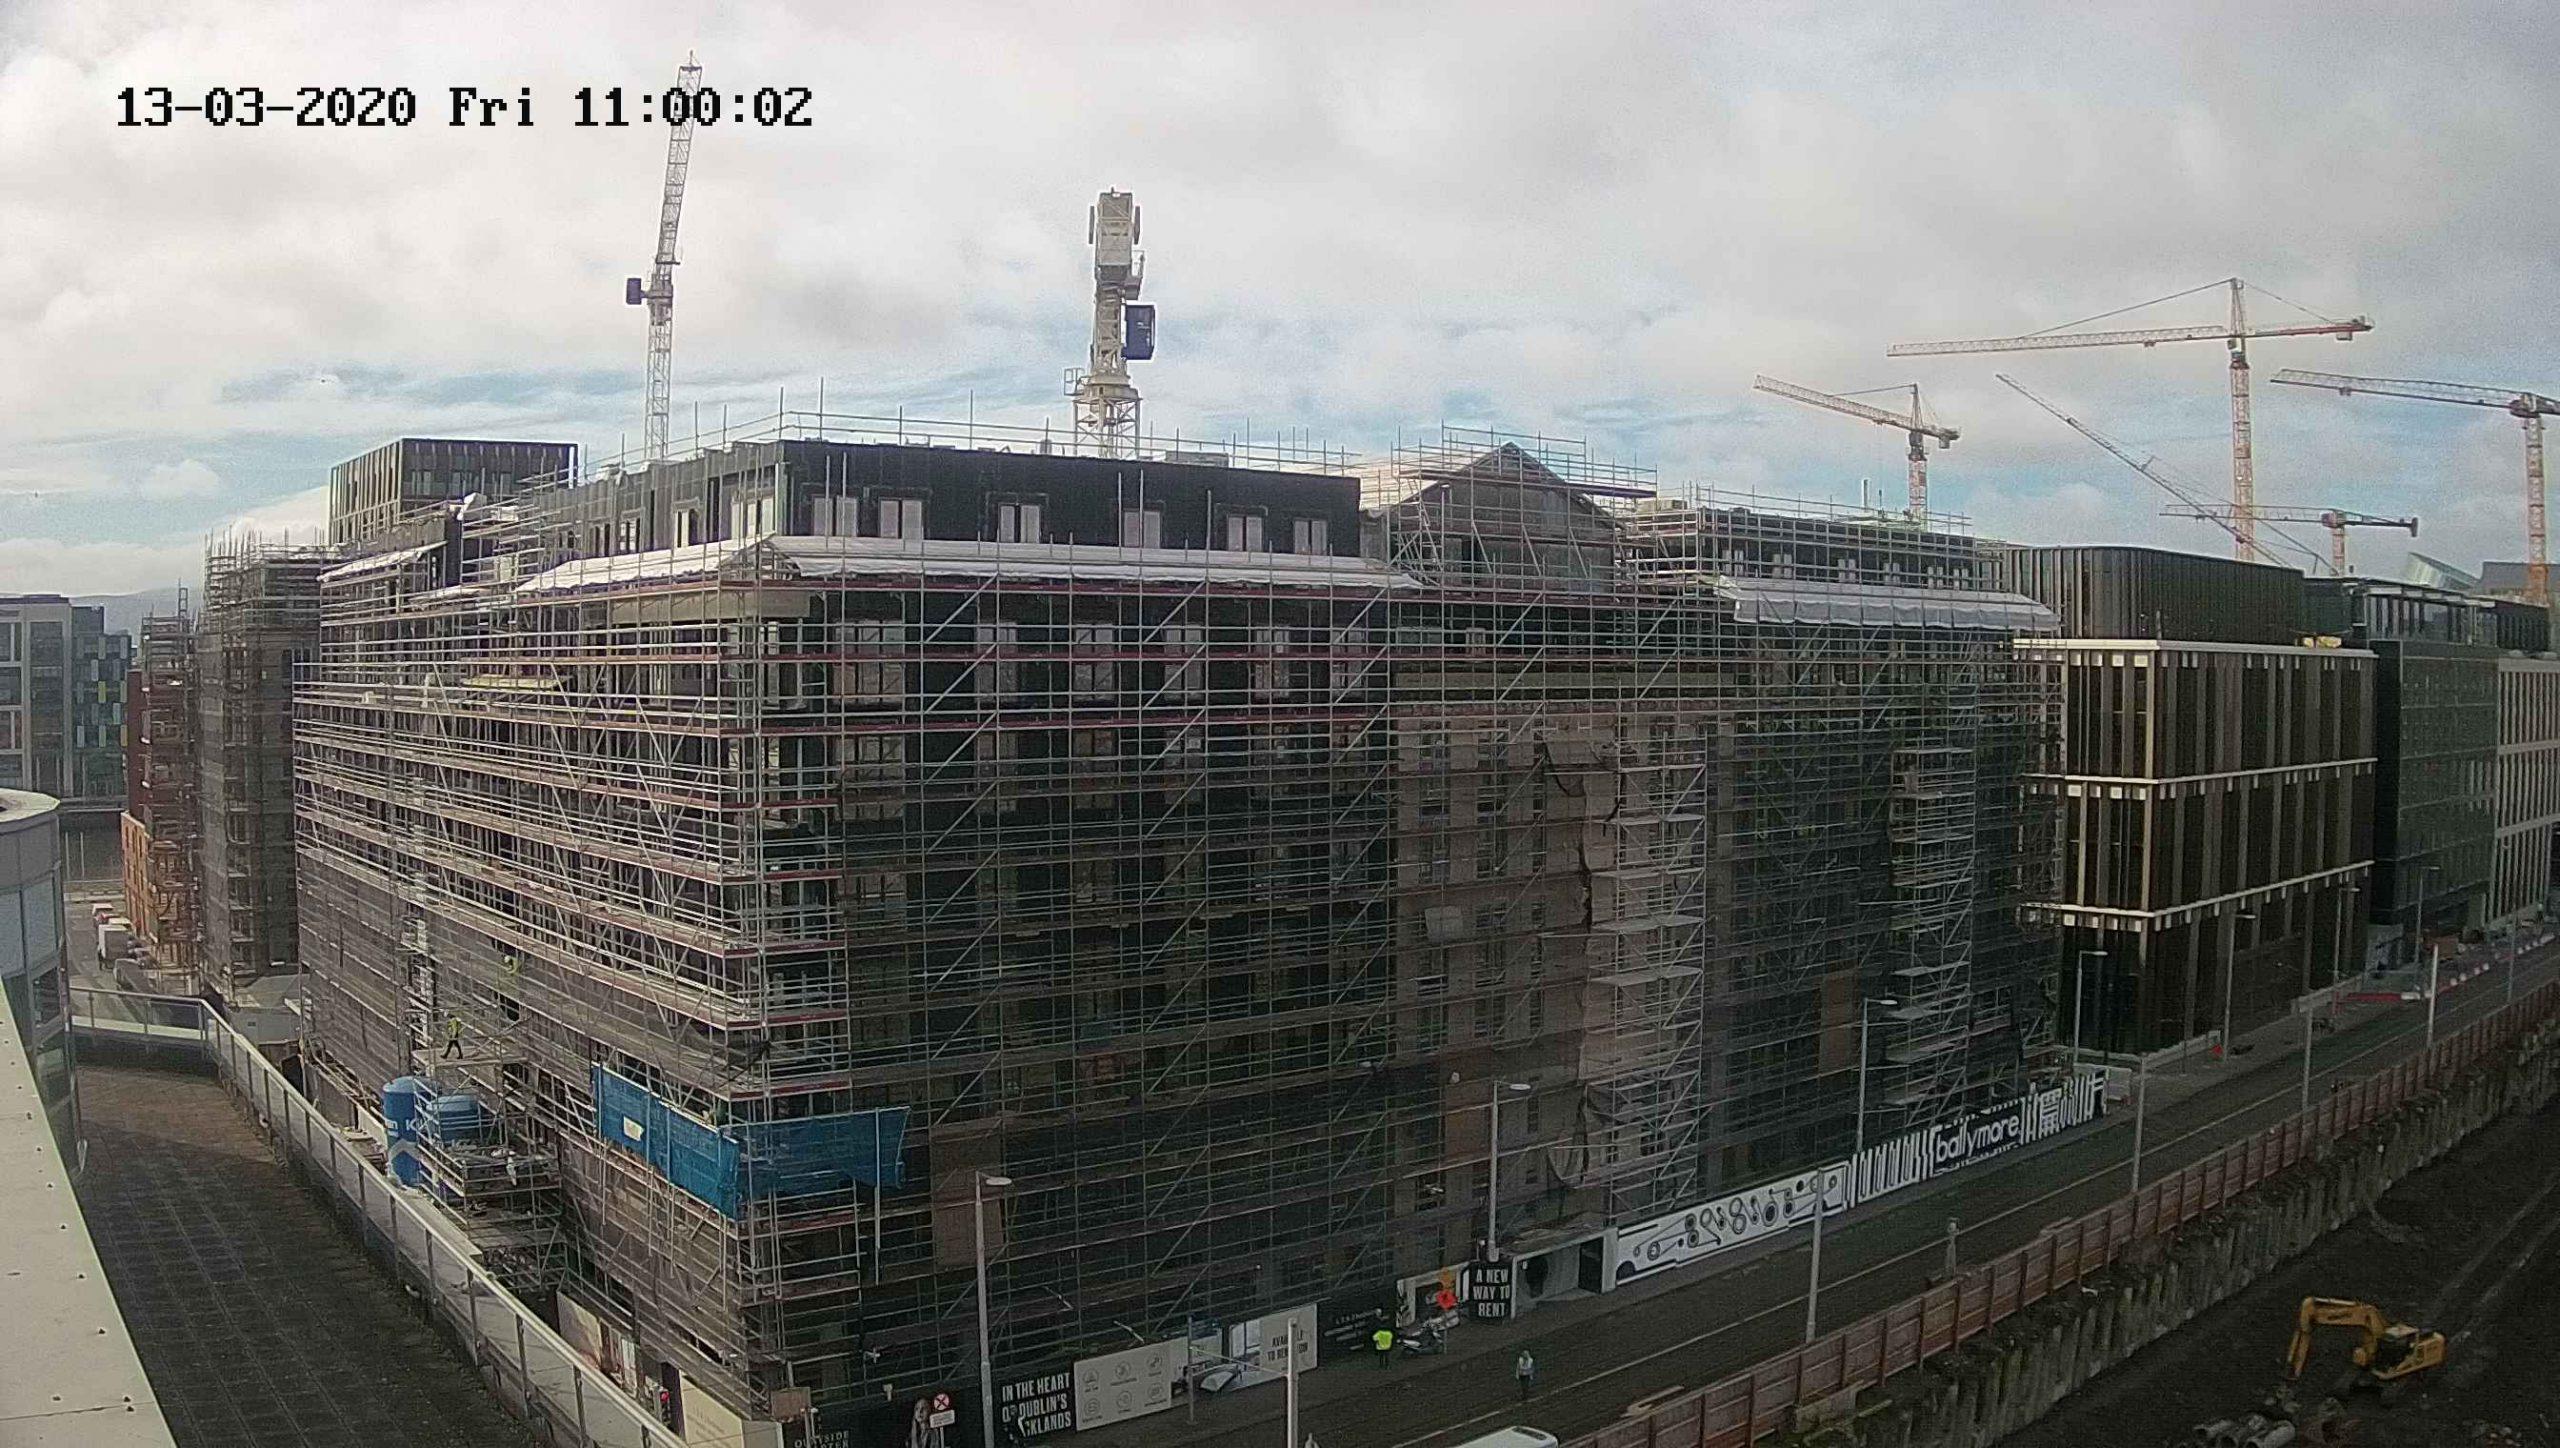 Compare images Dublin Landings construction progress